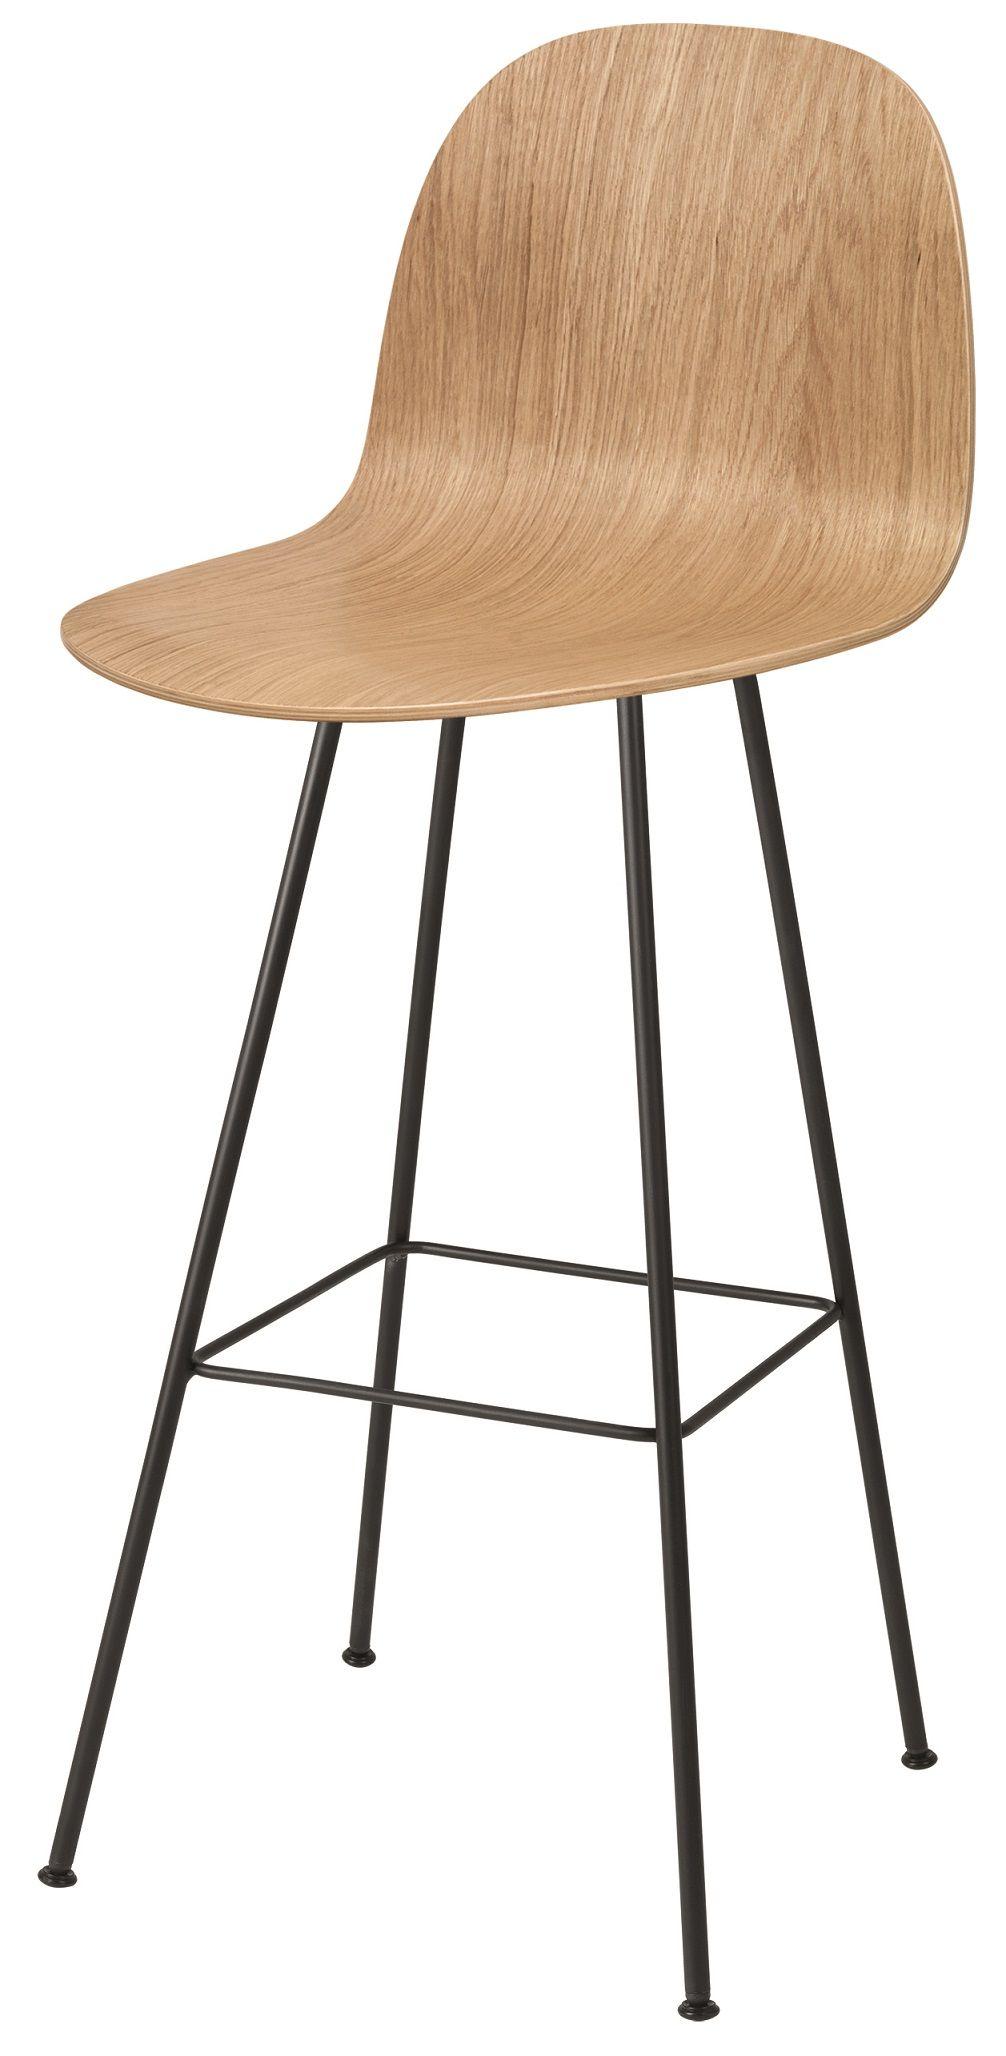 Beaver high barstol Bolia 2.499 kr | Bar stools